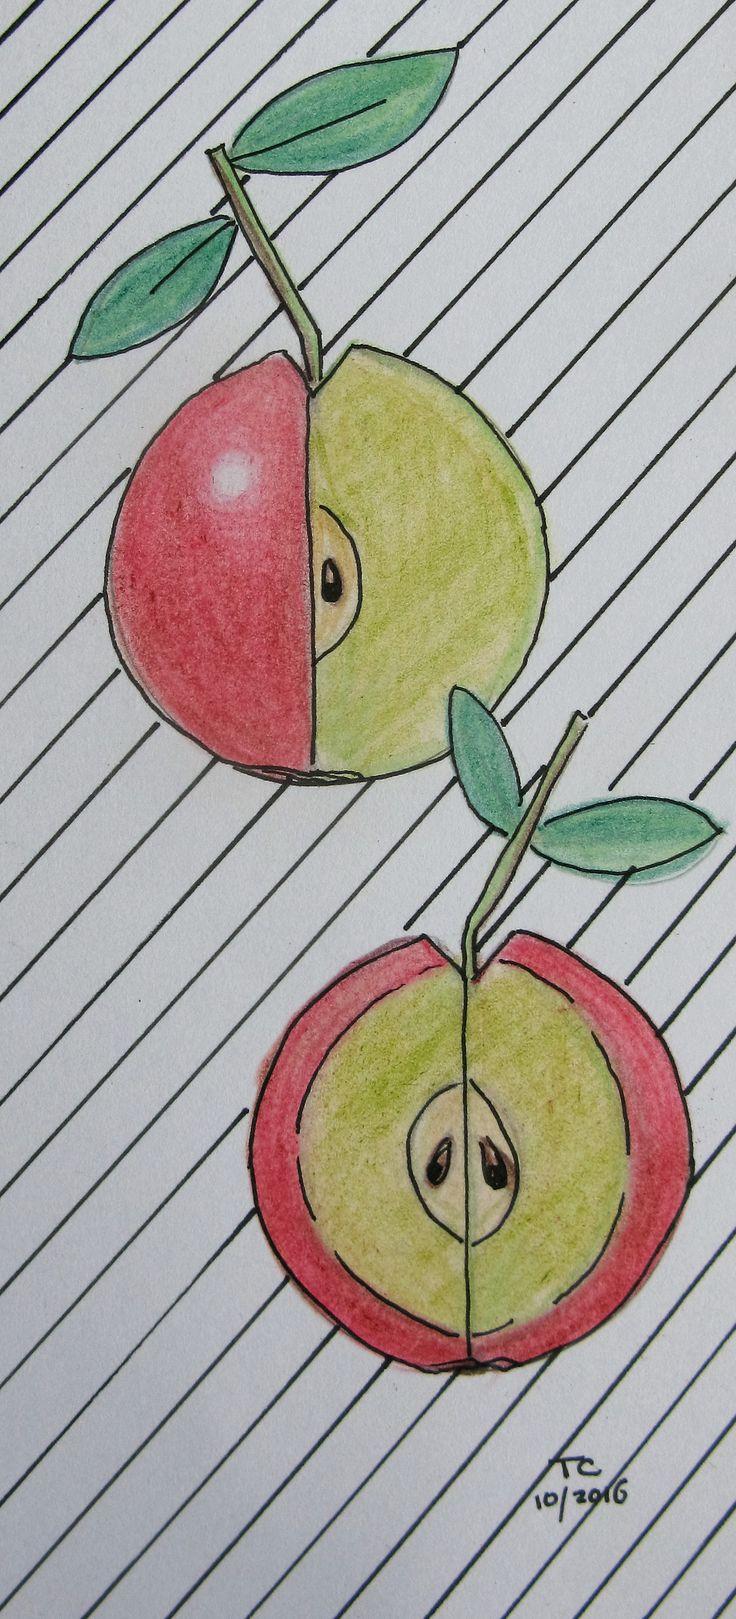 Food illustratie appels kleurpotlood gemaakt door Tonny Cooyman